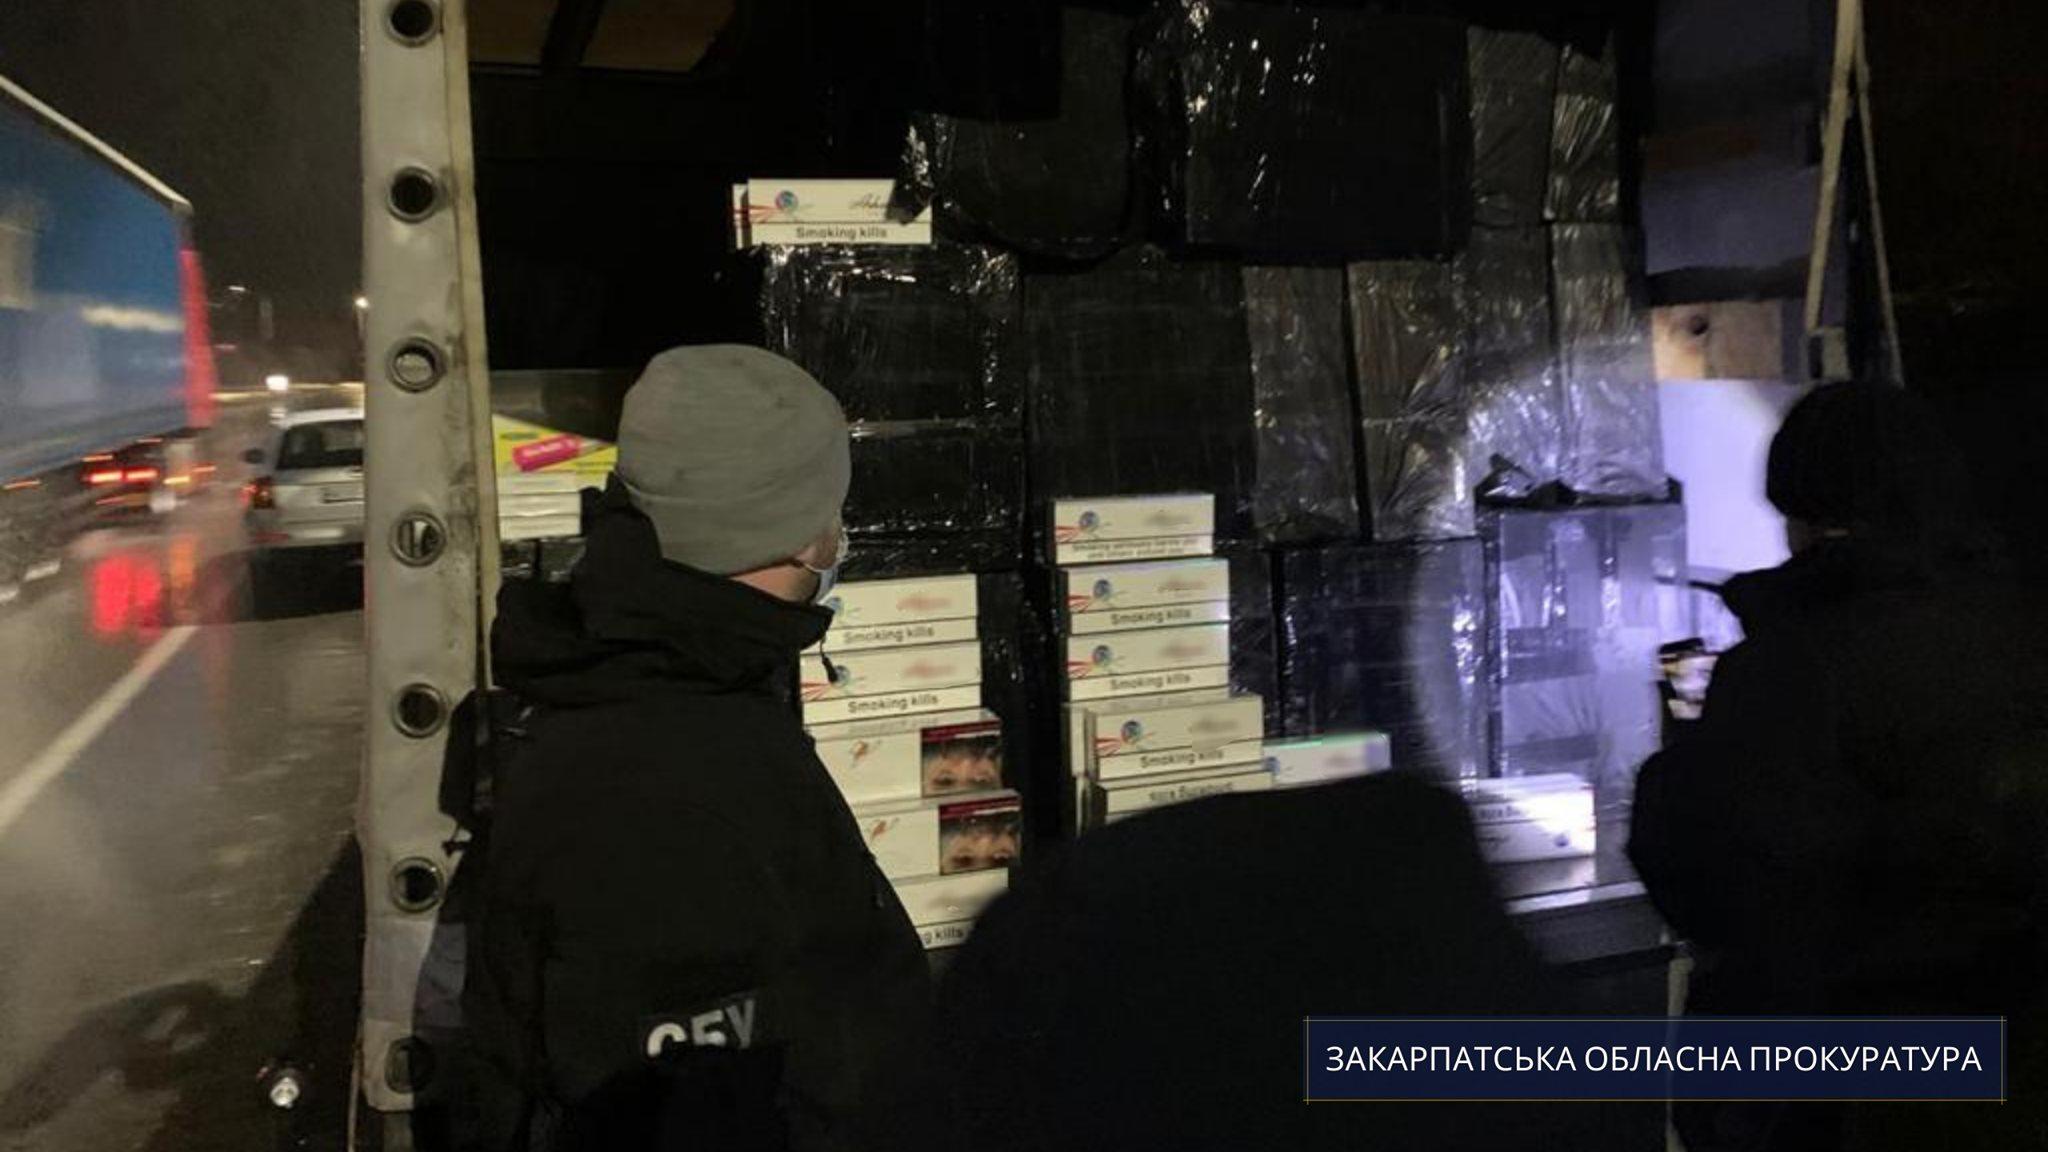 Слідчий суддя задовольнив клопотання, погоджене прокурором Закарпатської обласної прокуратури